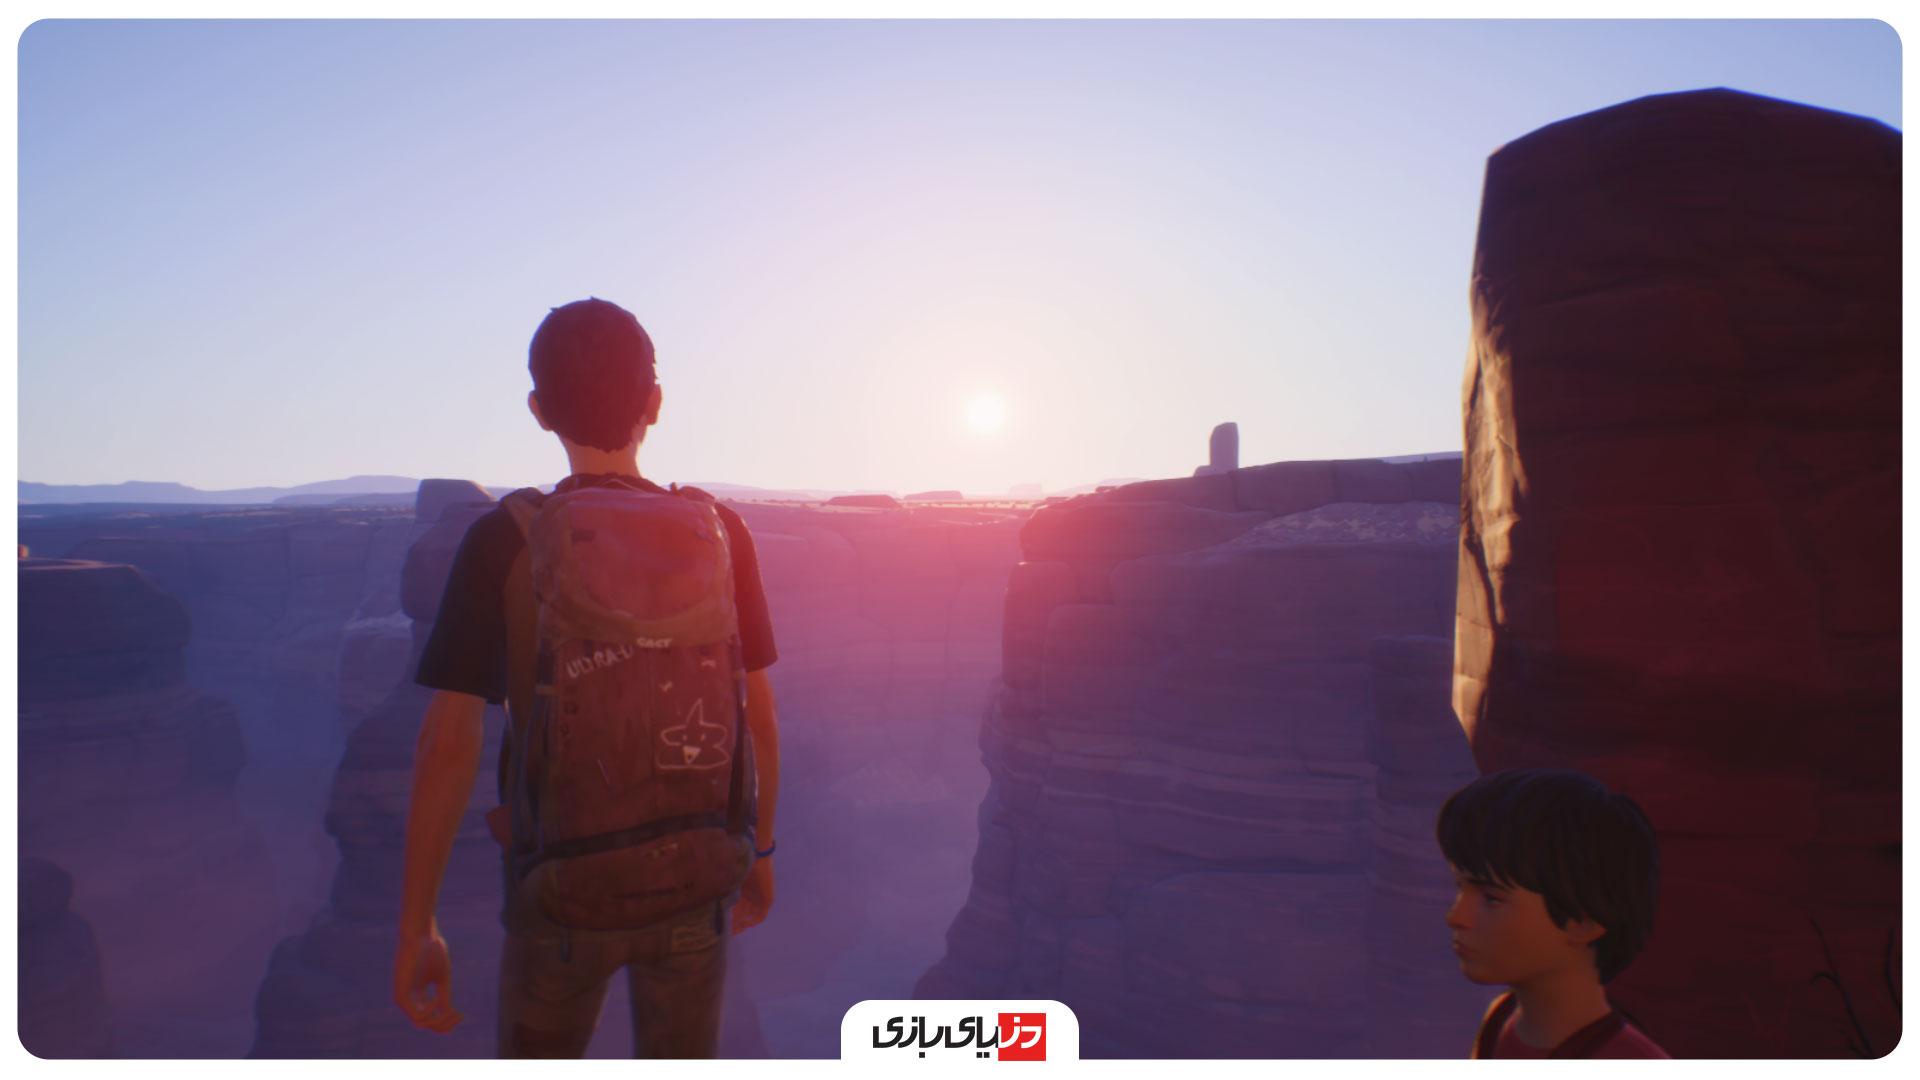 بررسی بازی Life Is Strange 2